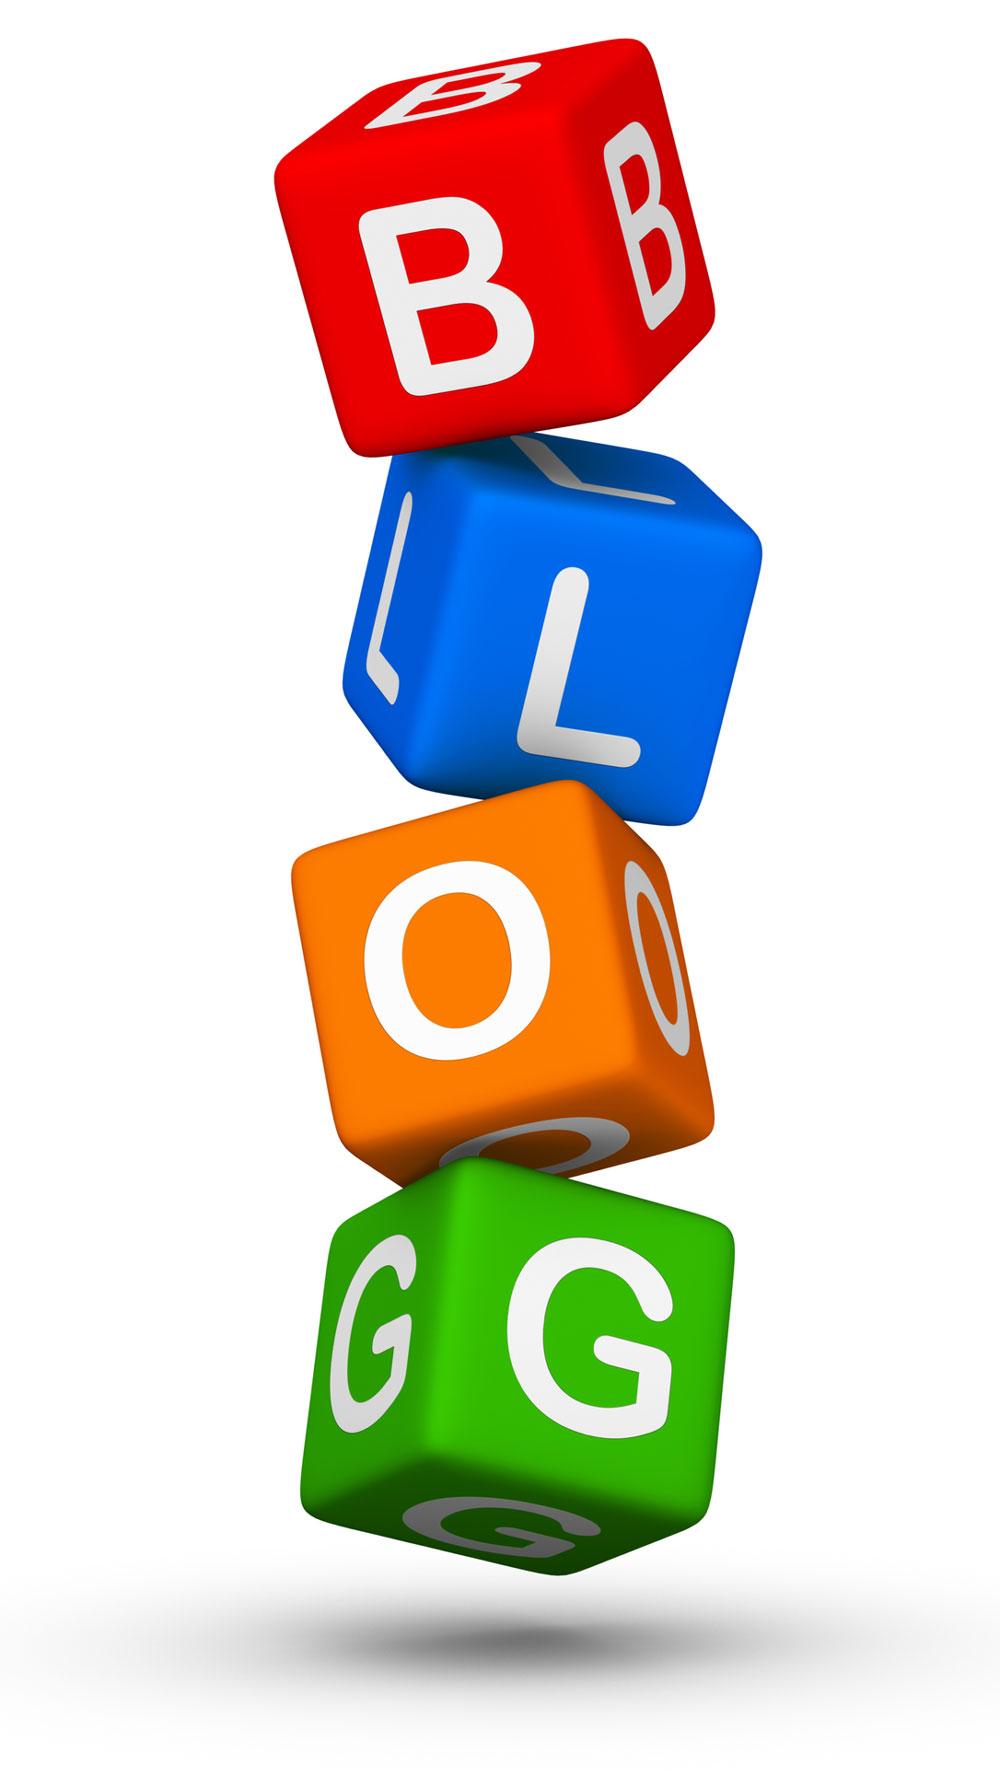 blogging_28246794